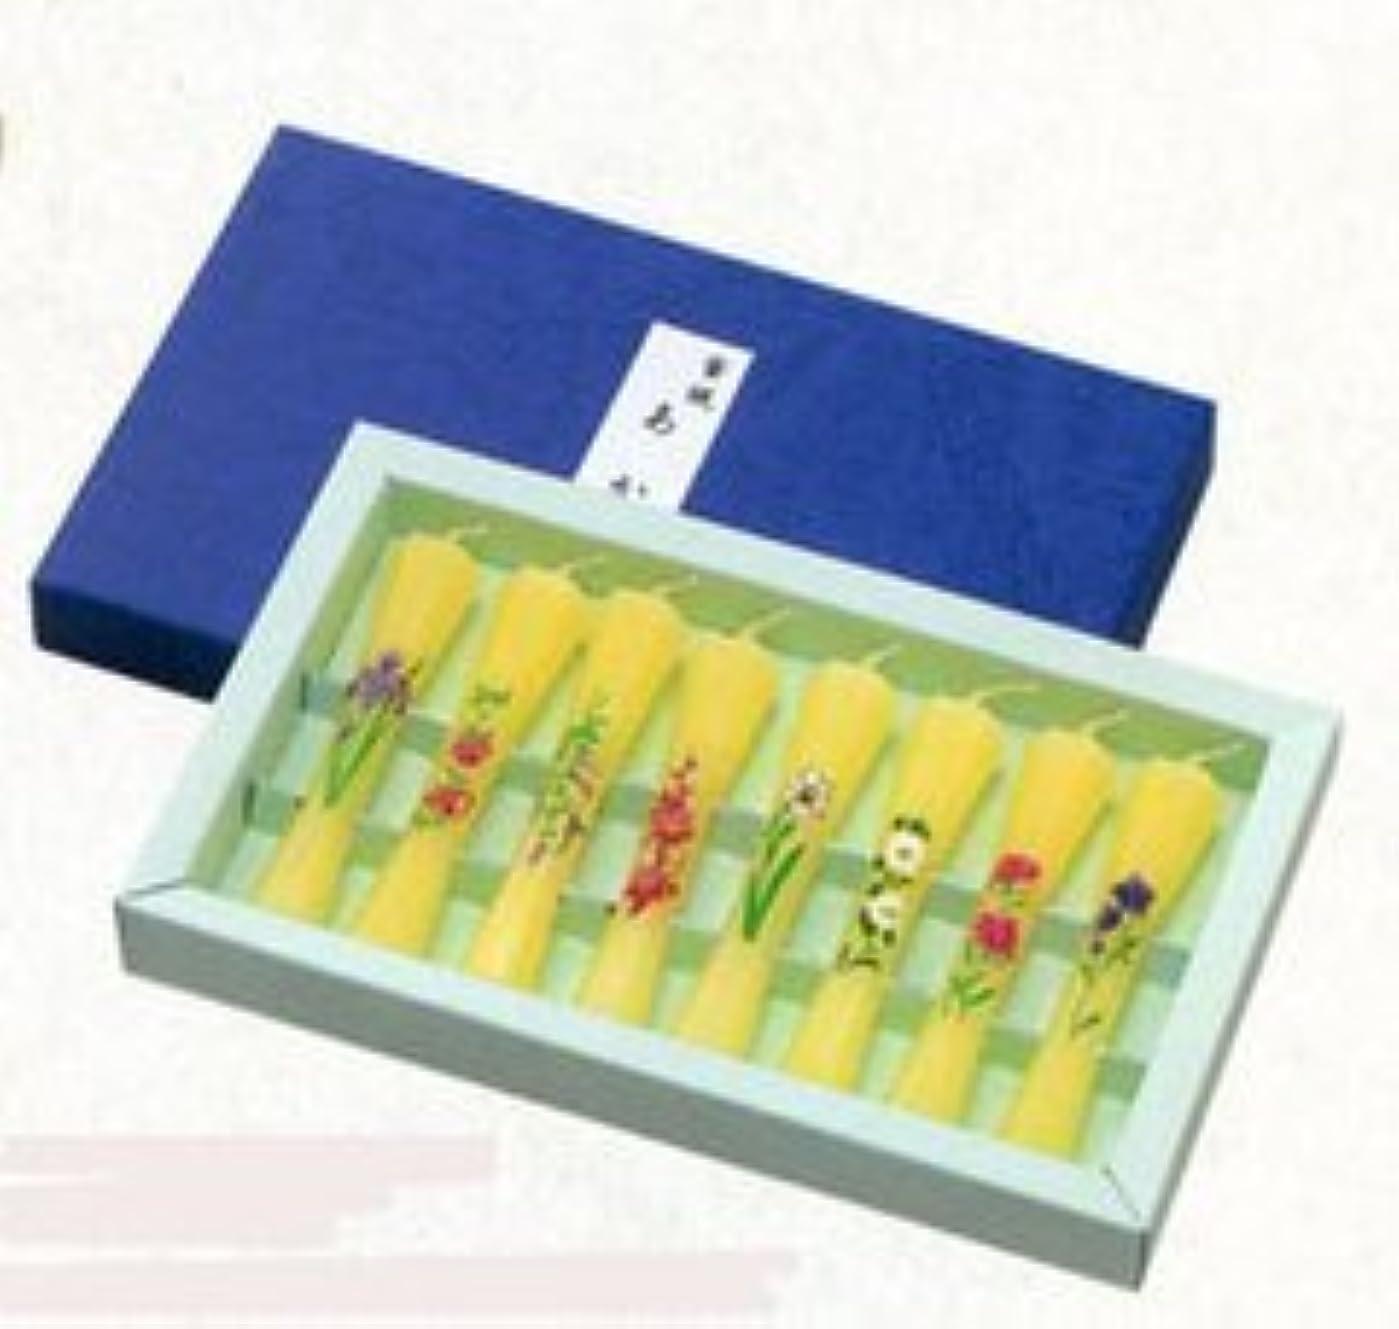 自信があるパラシュート謝る鮮やかな花の絵ローソク8本 蜜蝋(みつろー) 茜 絵ローソク